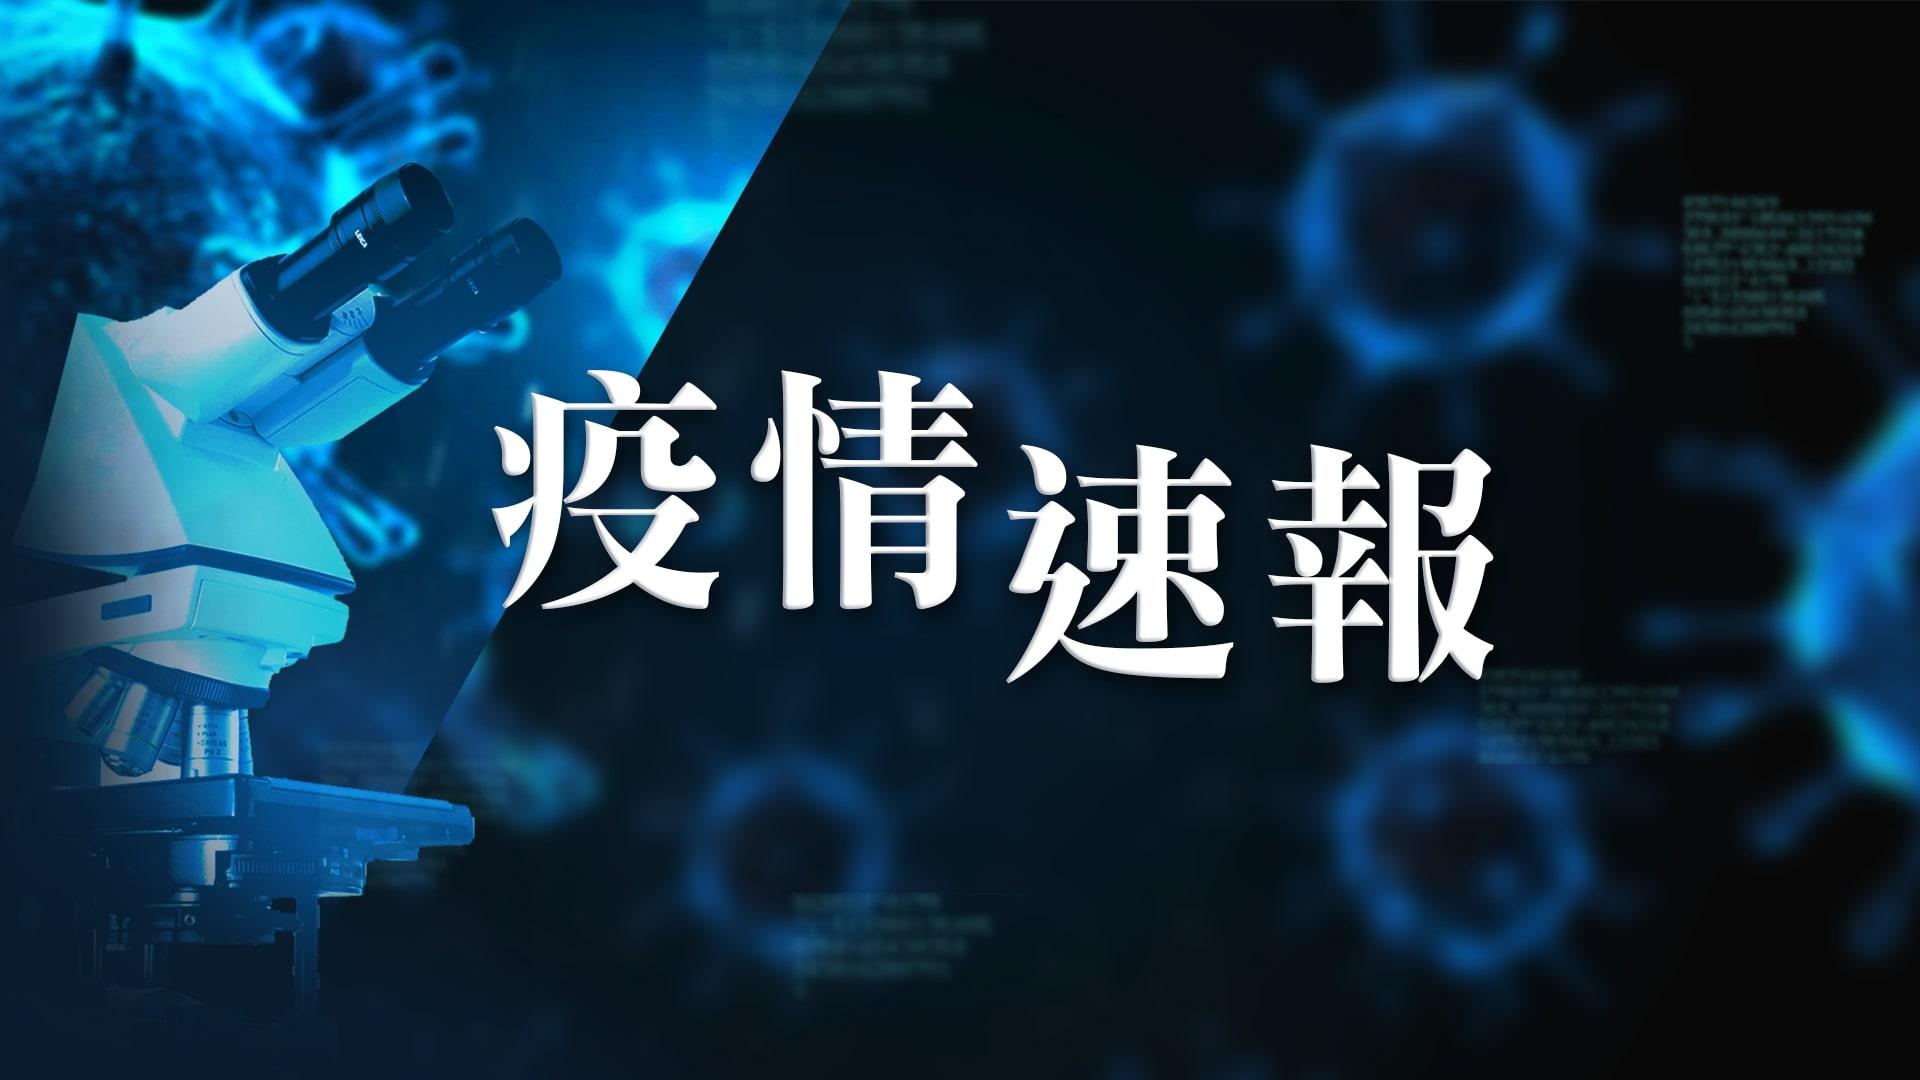 【11月24日疫情速報】(23:40)